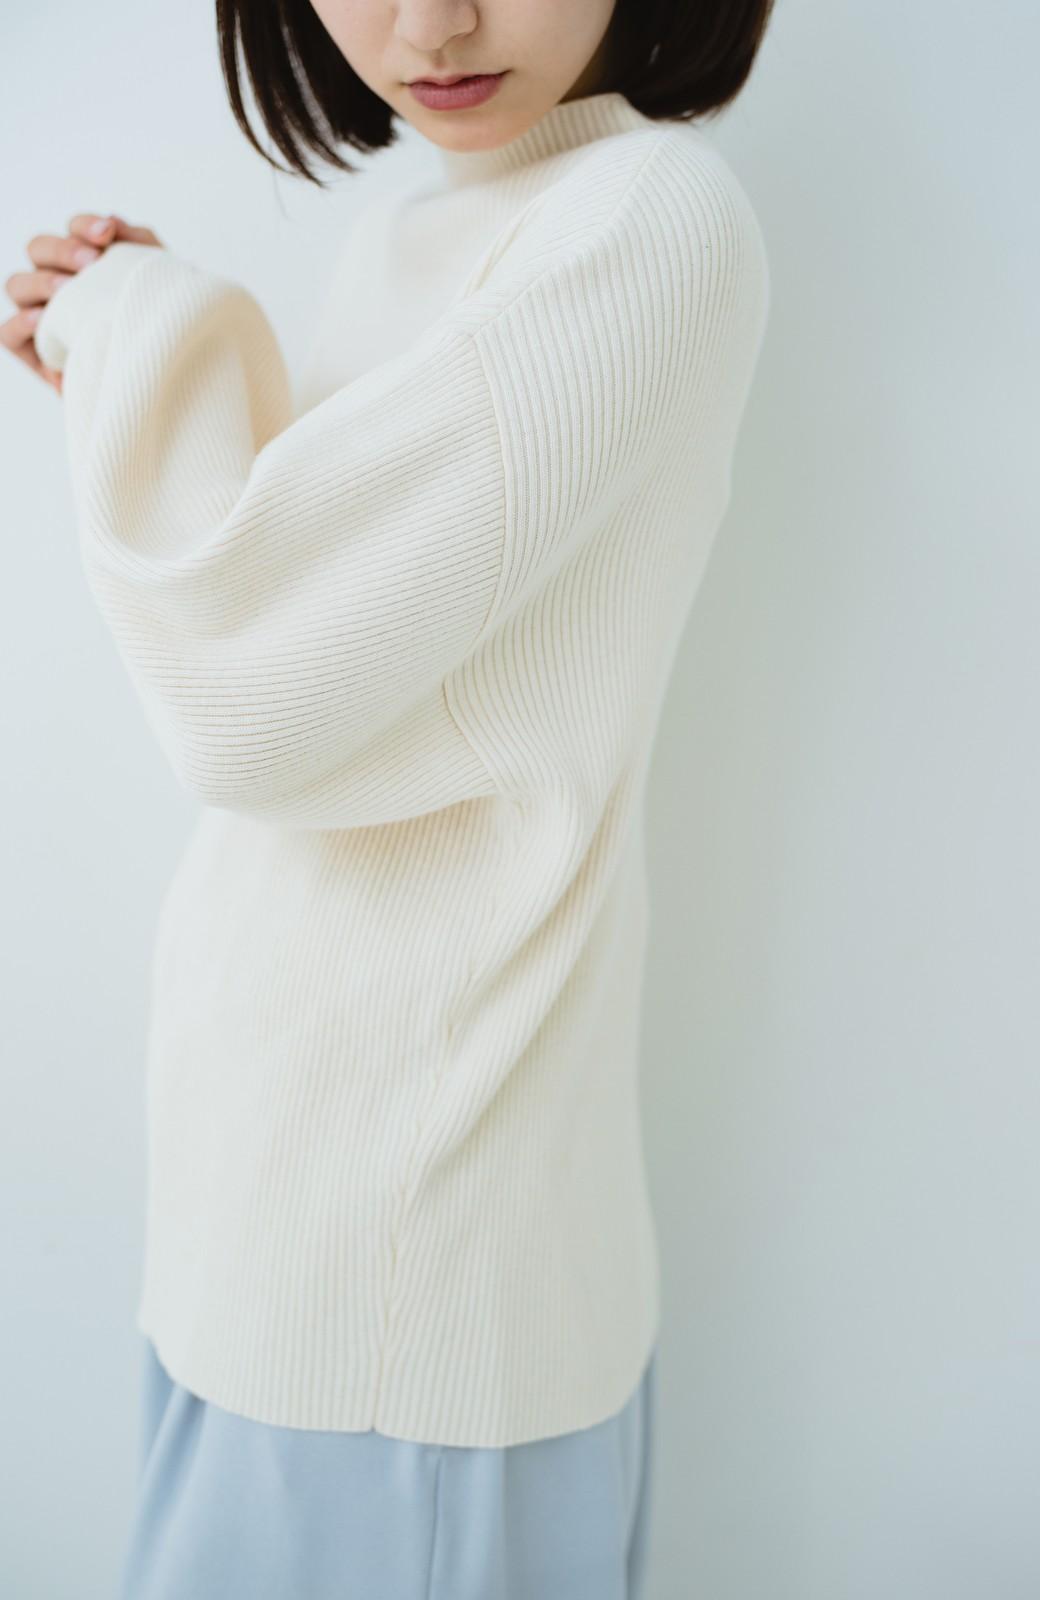 haco! シルク混素材のぷっくり袖リブニット <オフホワイト>の商品写真3